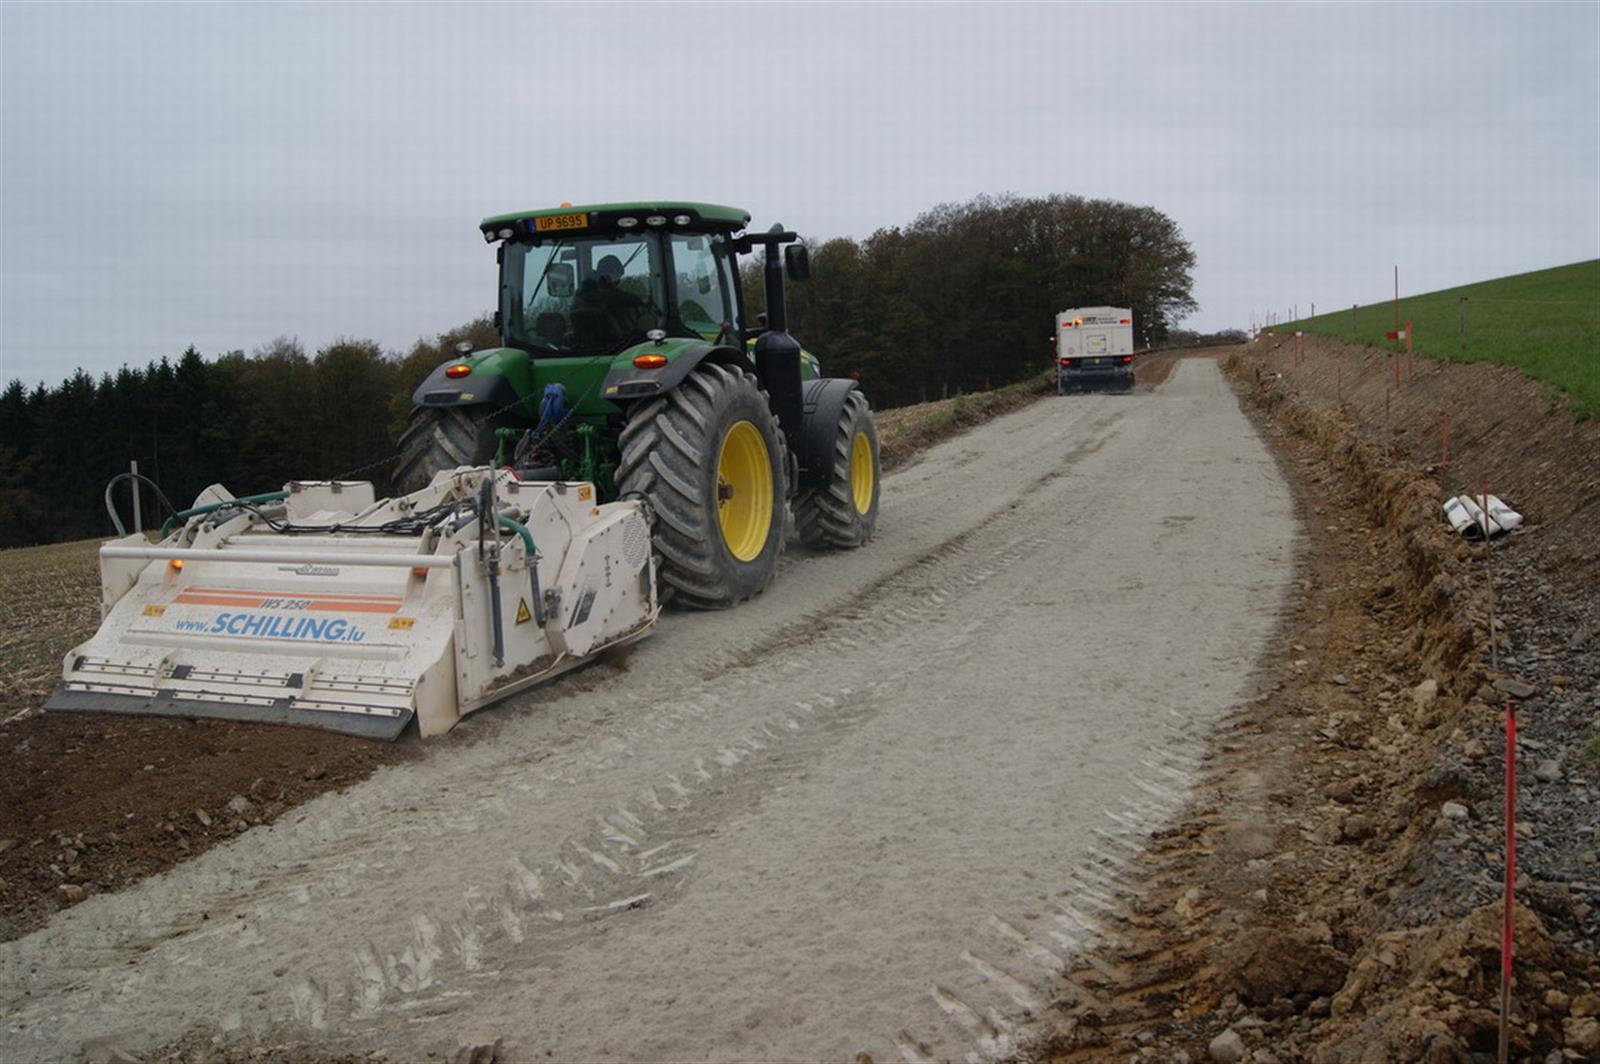 Schilling s rl entreprise de construction fischbach for Entreprise de construction